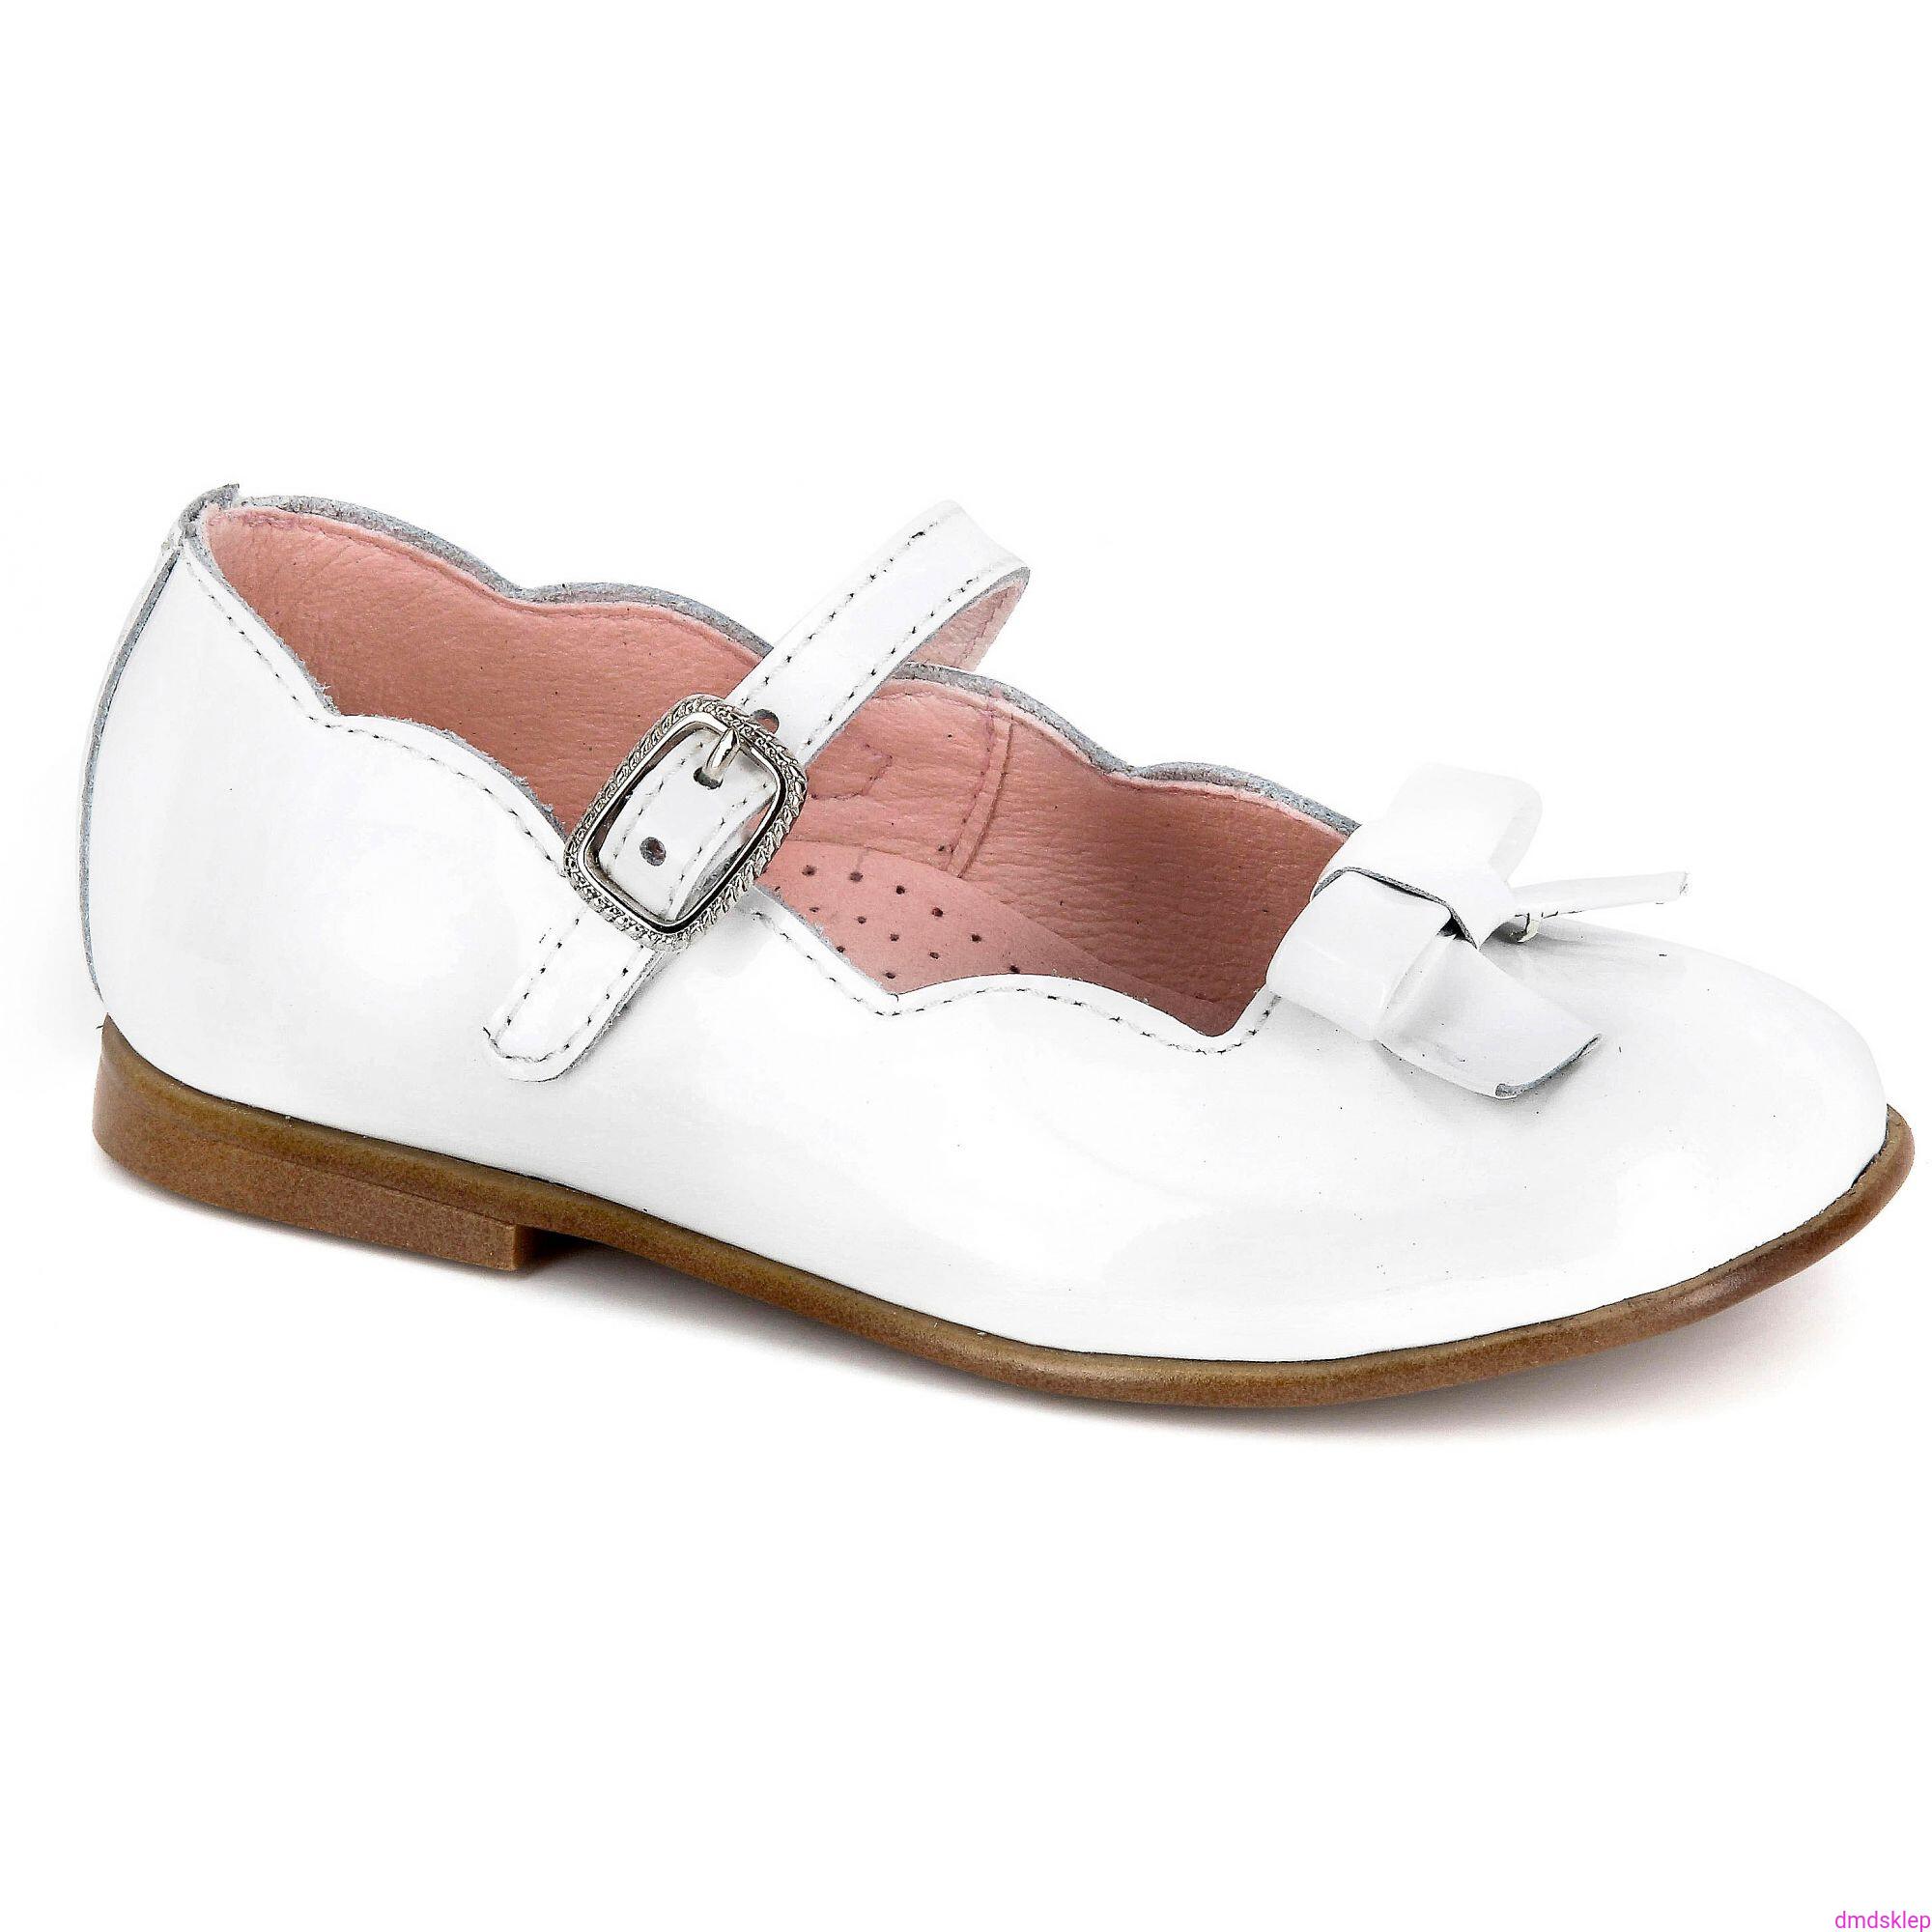 d67d95f7f4 Lakierowane Buty komunijne dla dziewczynki Pablosky 324109 kolor biały r33.  324109.jpg